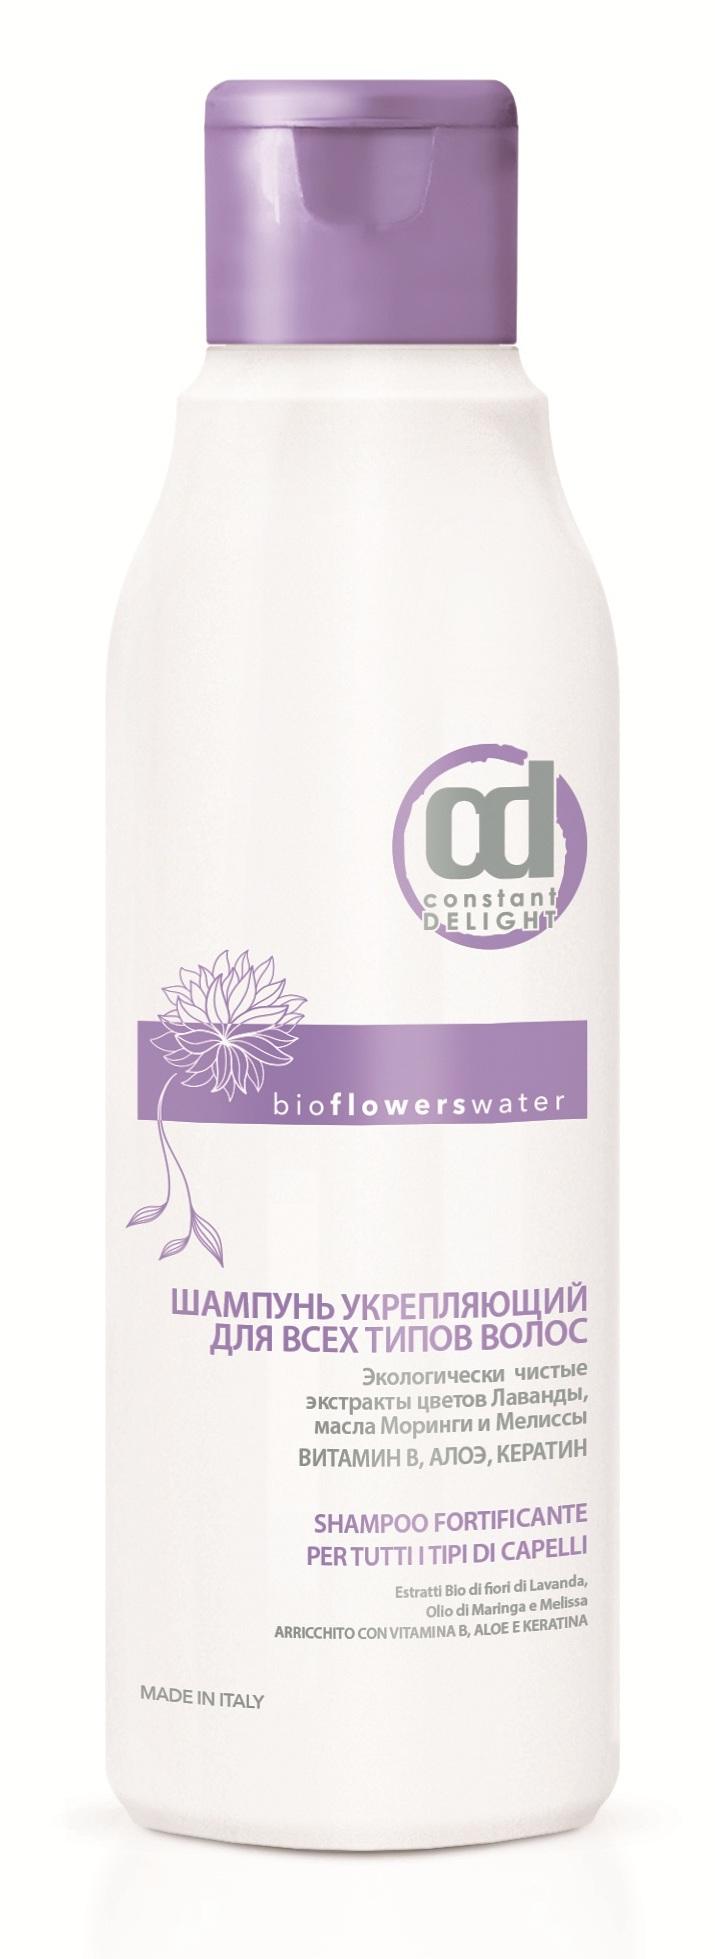 Купить CONSTANT DELIGHT Шампунь укрепляющий для всех типов волос / BIO FLOWER 250 мл